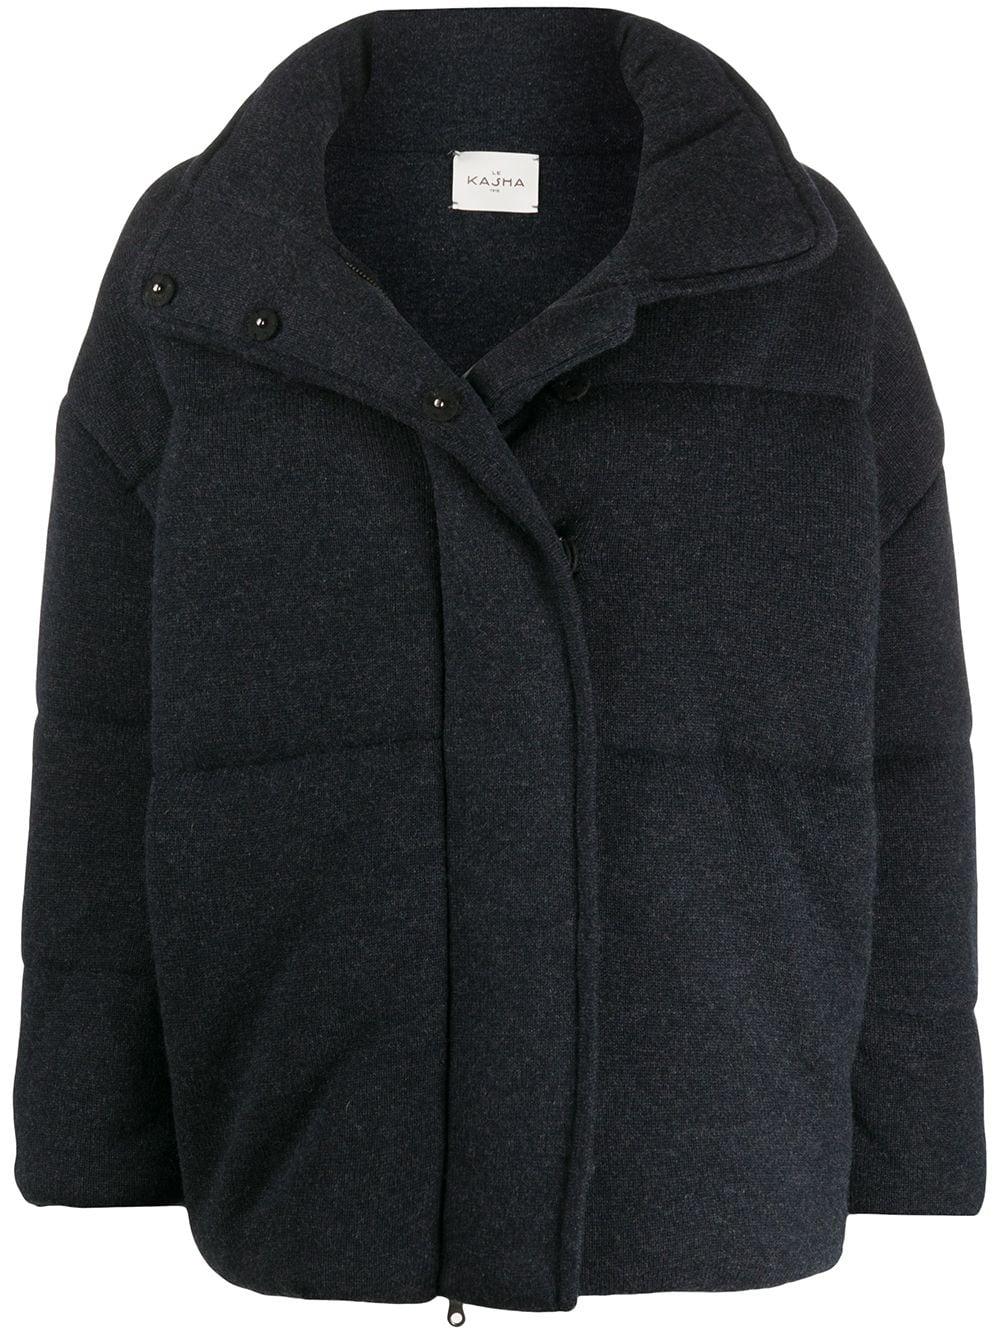 Le Kasha, Dillon cashmere puffer jacket 5626лв